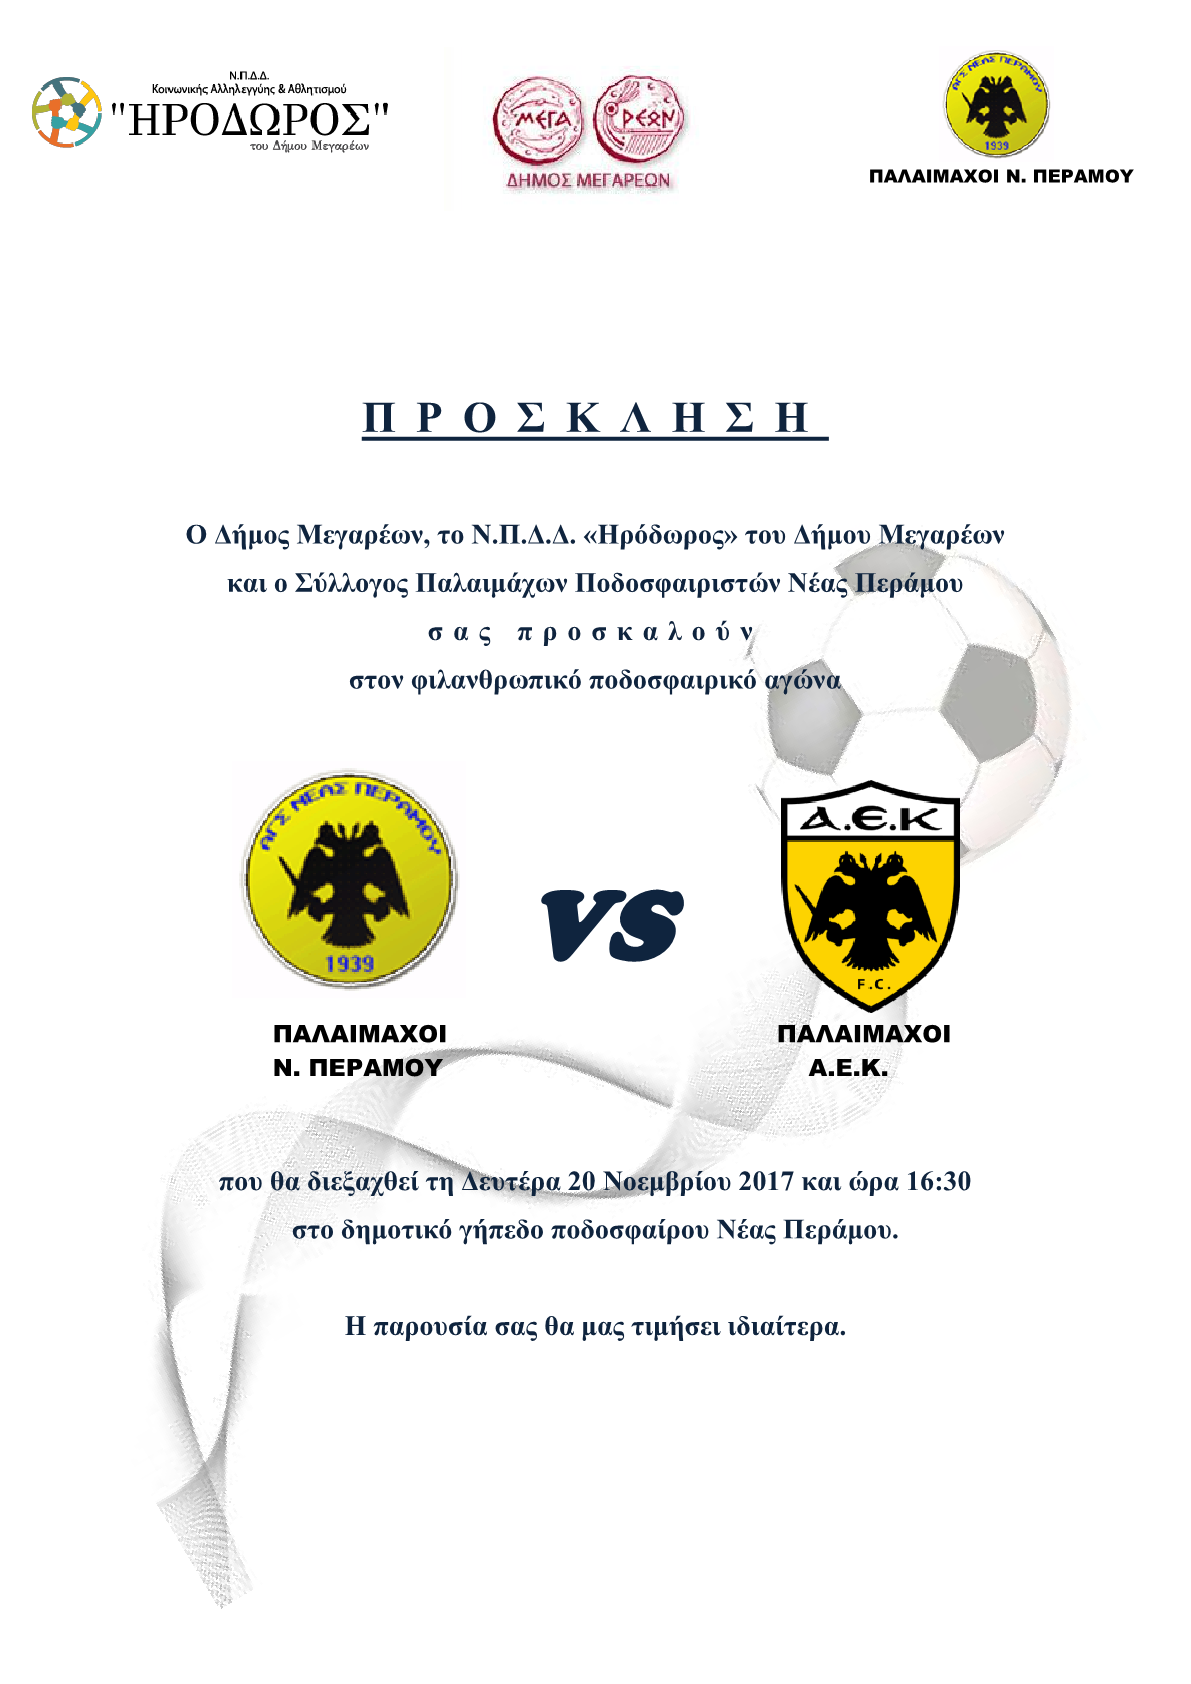 Πρόσκληση φιλανθρωπικού αγώνα ποδοσφαίρου ν. περαμου 20171